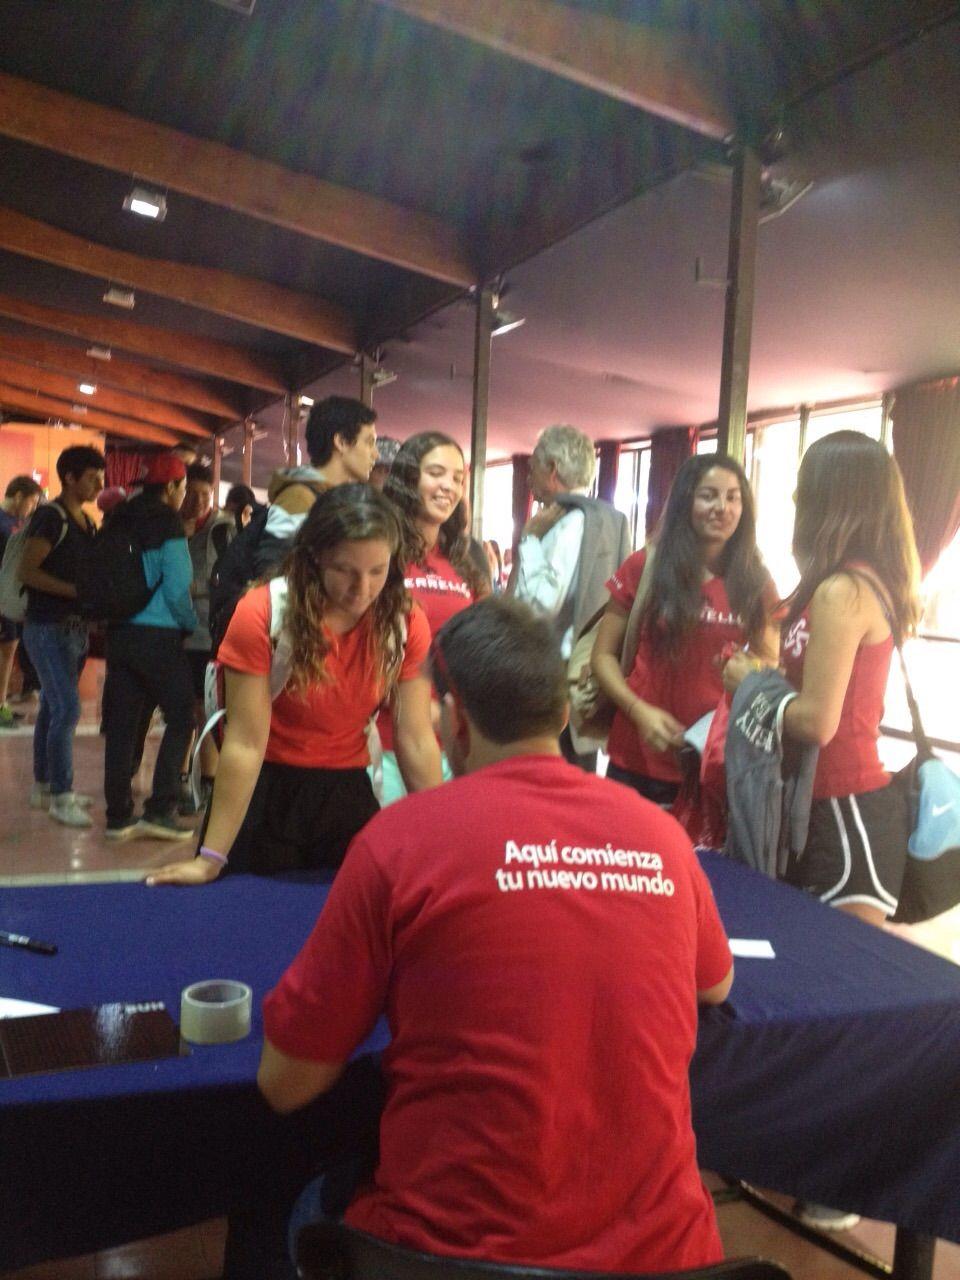 ¡Bienenidos a Casona, alumnos de Educación!